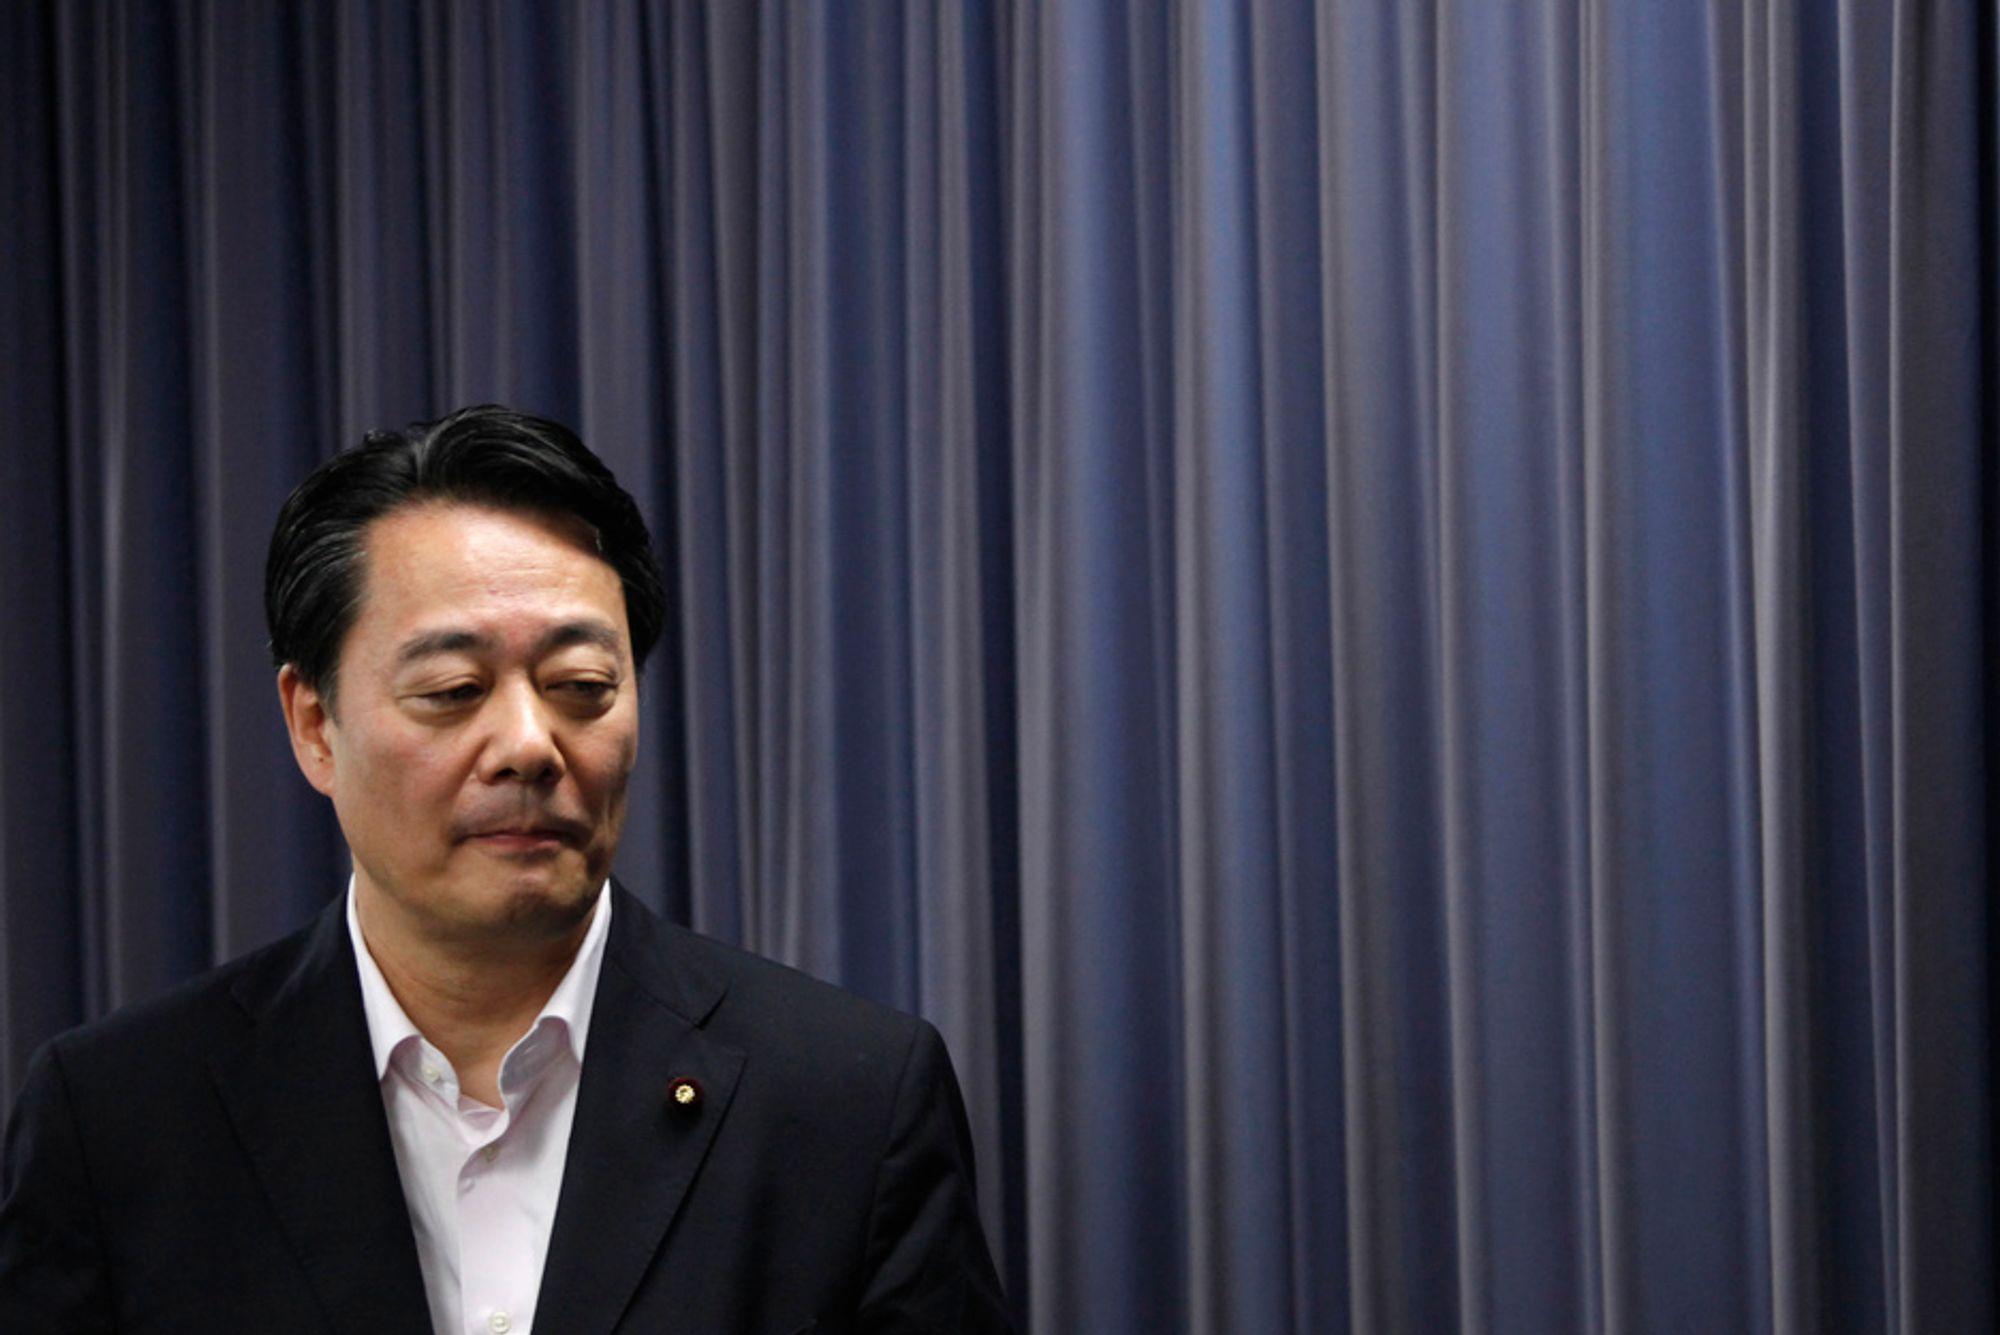 Teppet går ned for flere av økonomi-, handels- og industriminister Banri Kaiedas medarbeidere. Han vil blåse nytt liv i departementet som er ansvarlig for kjernekraftindustrien i Japan.